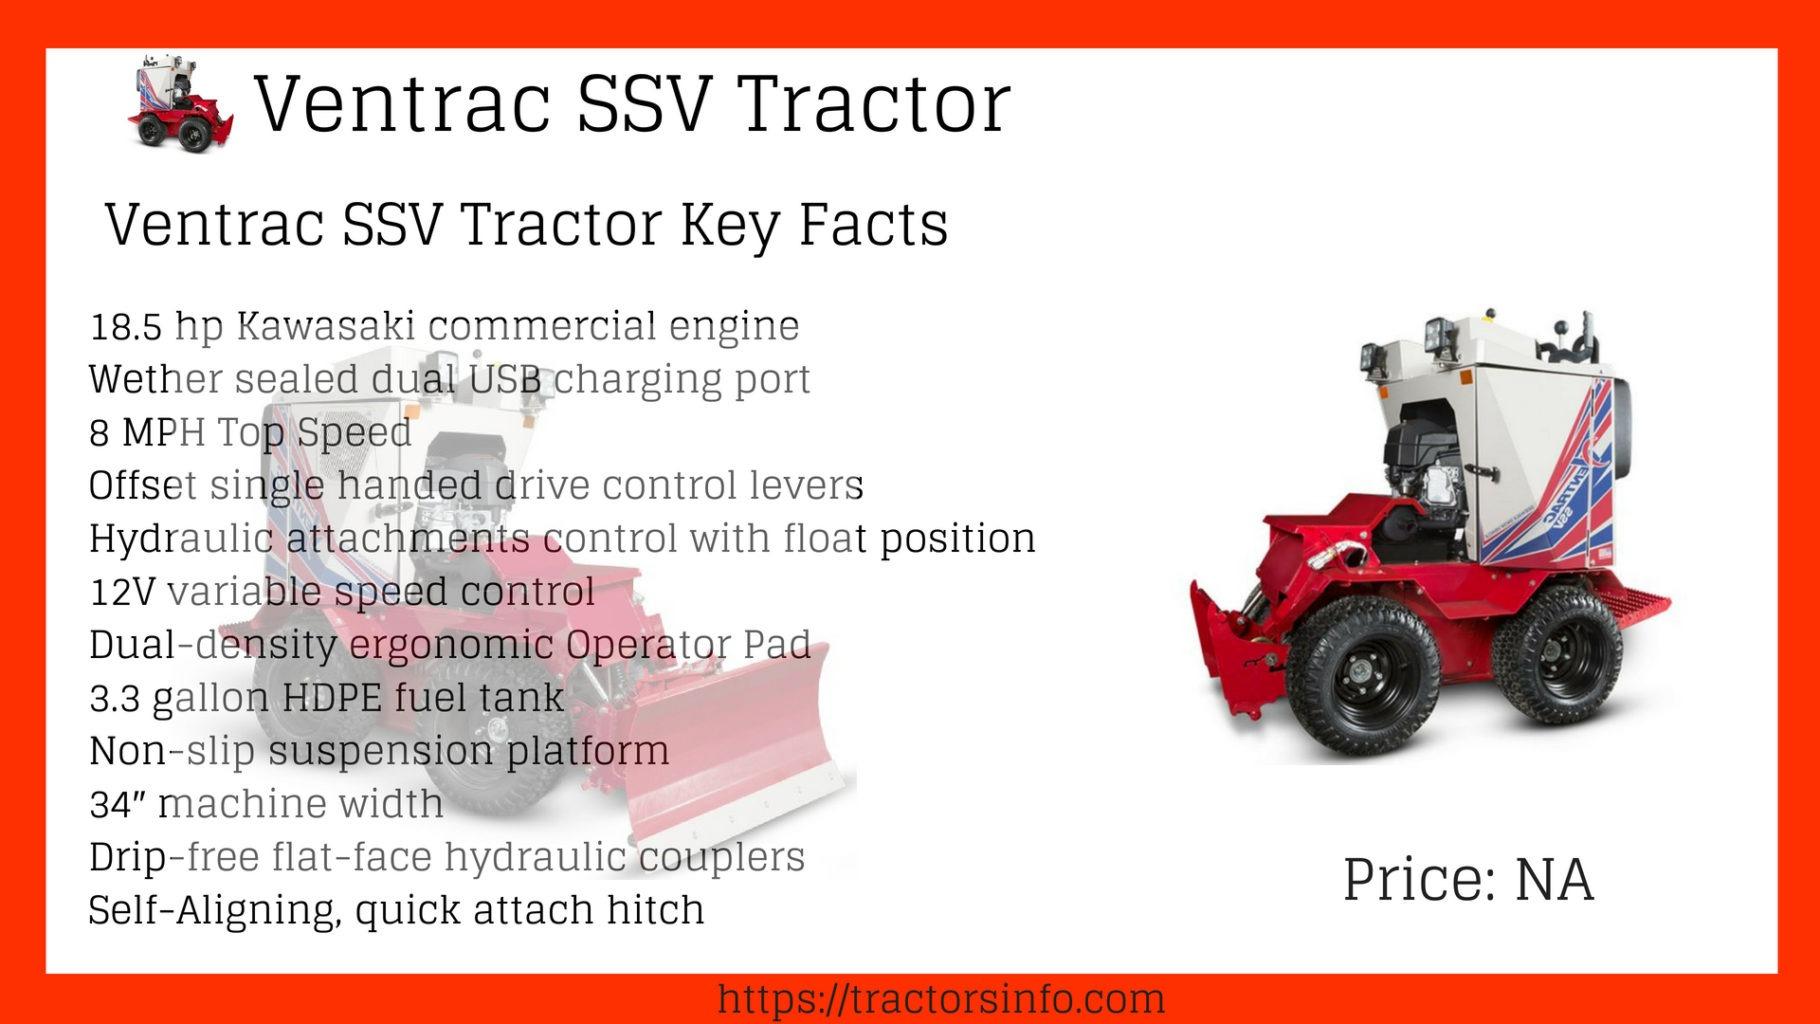 Ventrac SSV Tractor